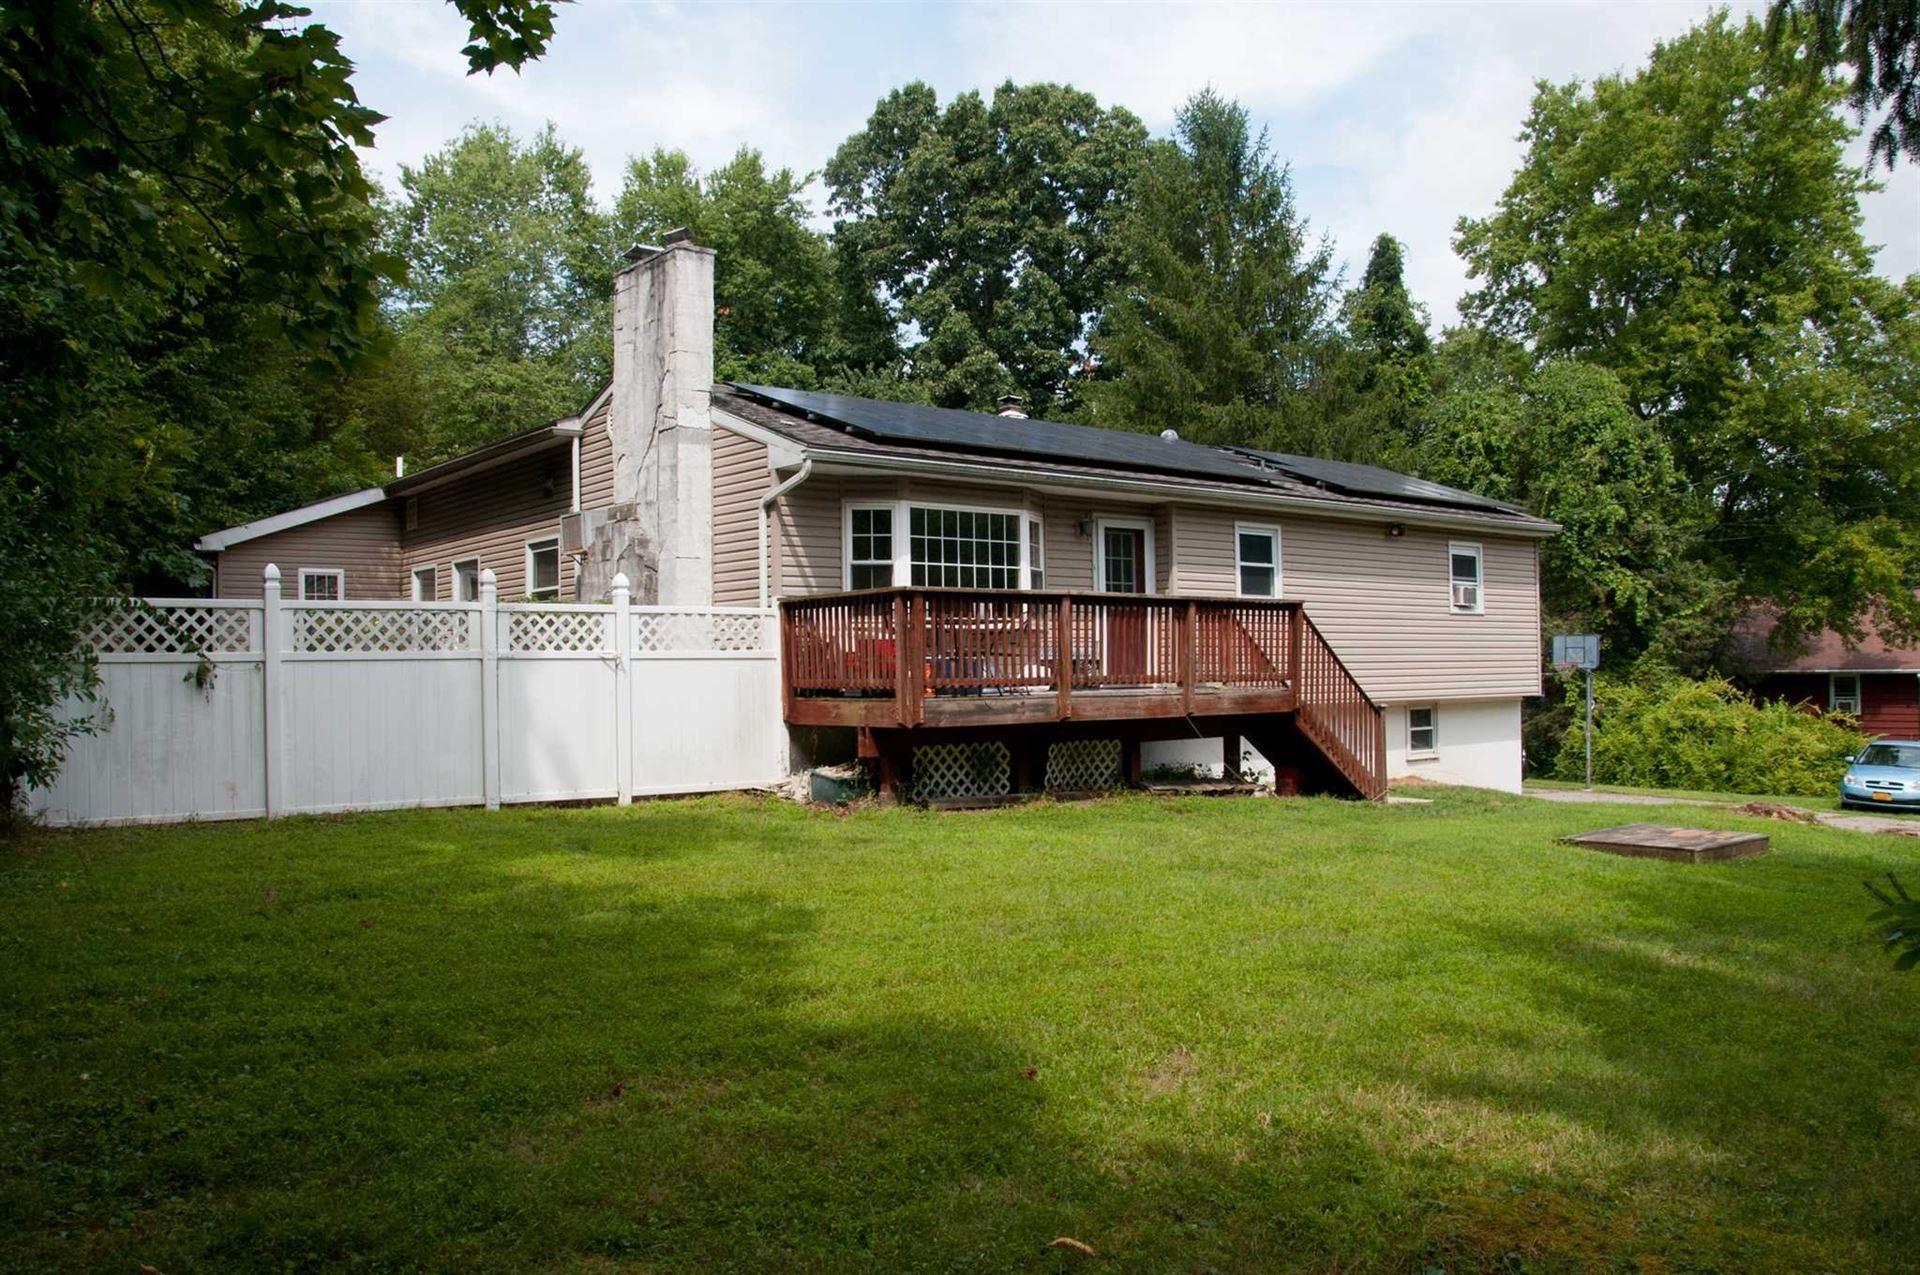 86 LYNDON RD, Fishkill, NY 12524 - #: 394559